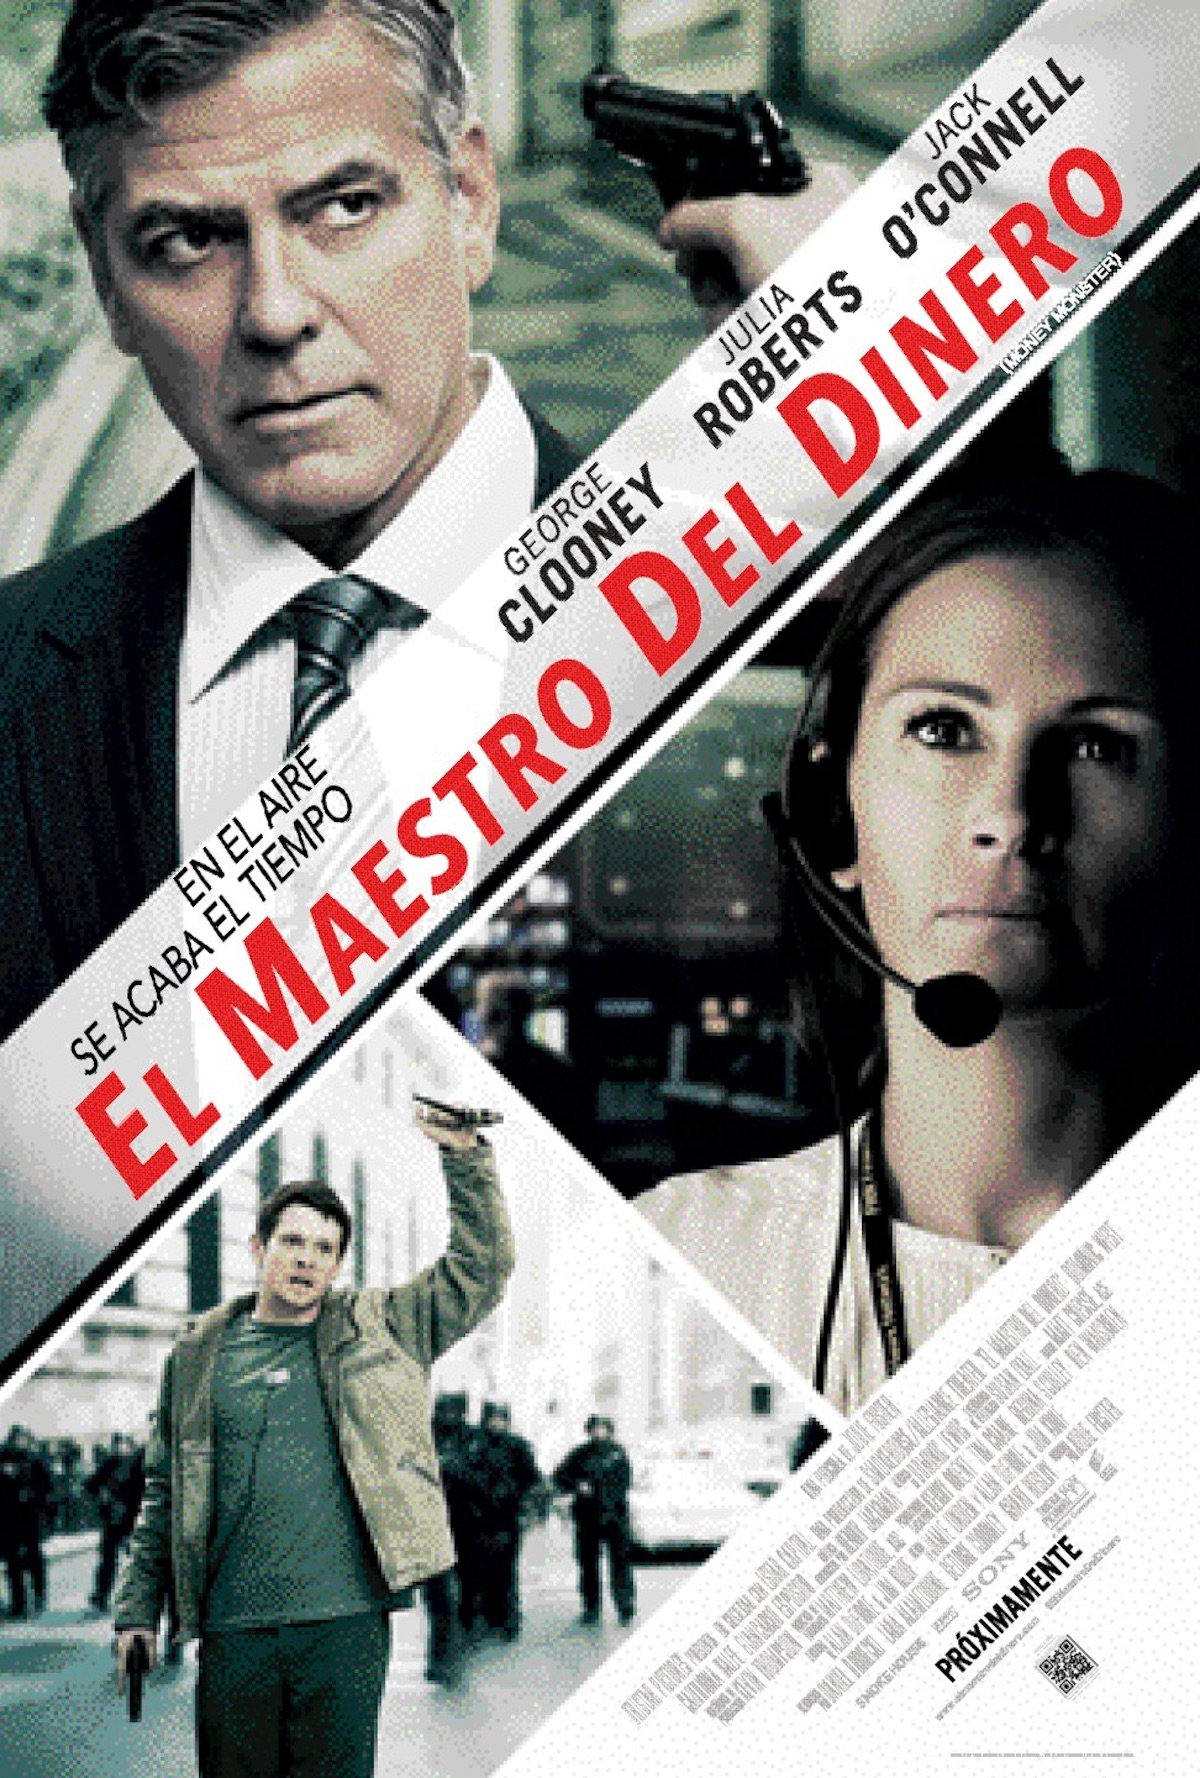 El-Maestro-del-Dinero-Poster-Empeliculados.co_